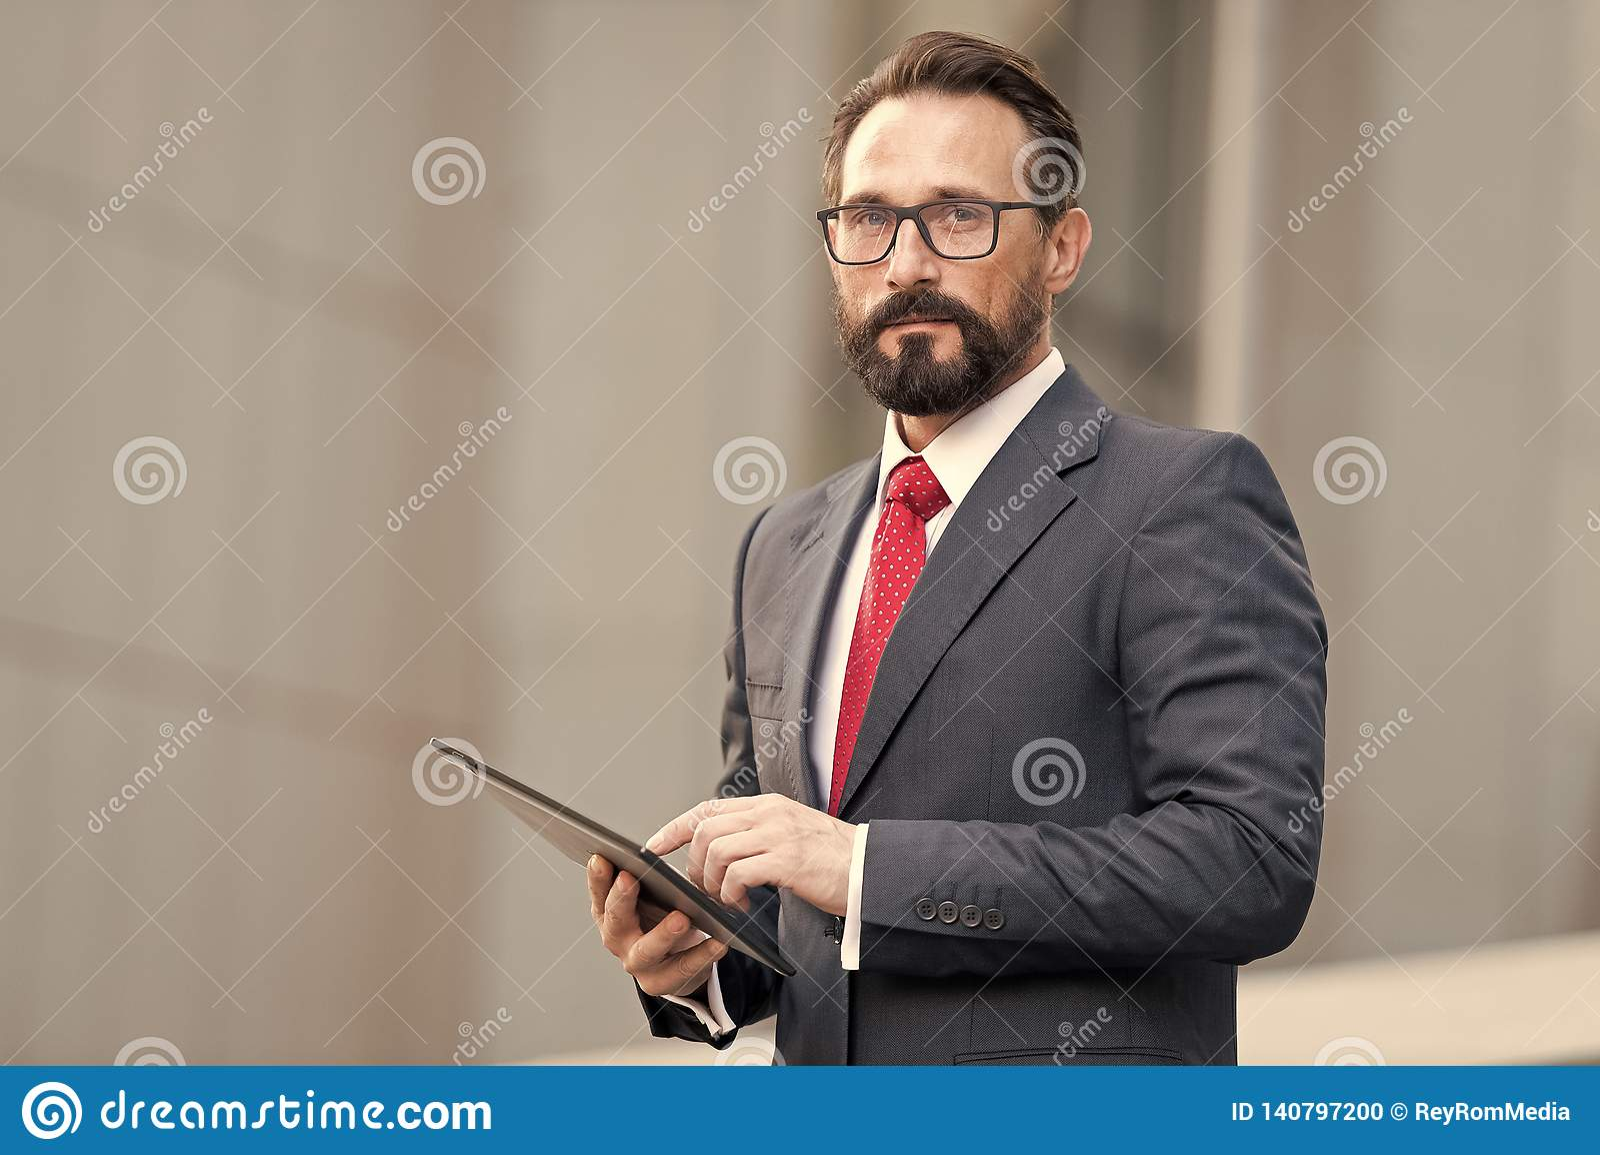 Портрет бизнесмена с таблеткой в руке на предпосылке офисного здания Бизнесмен используя его таблетку из офиса с 4G